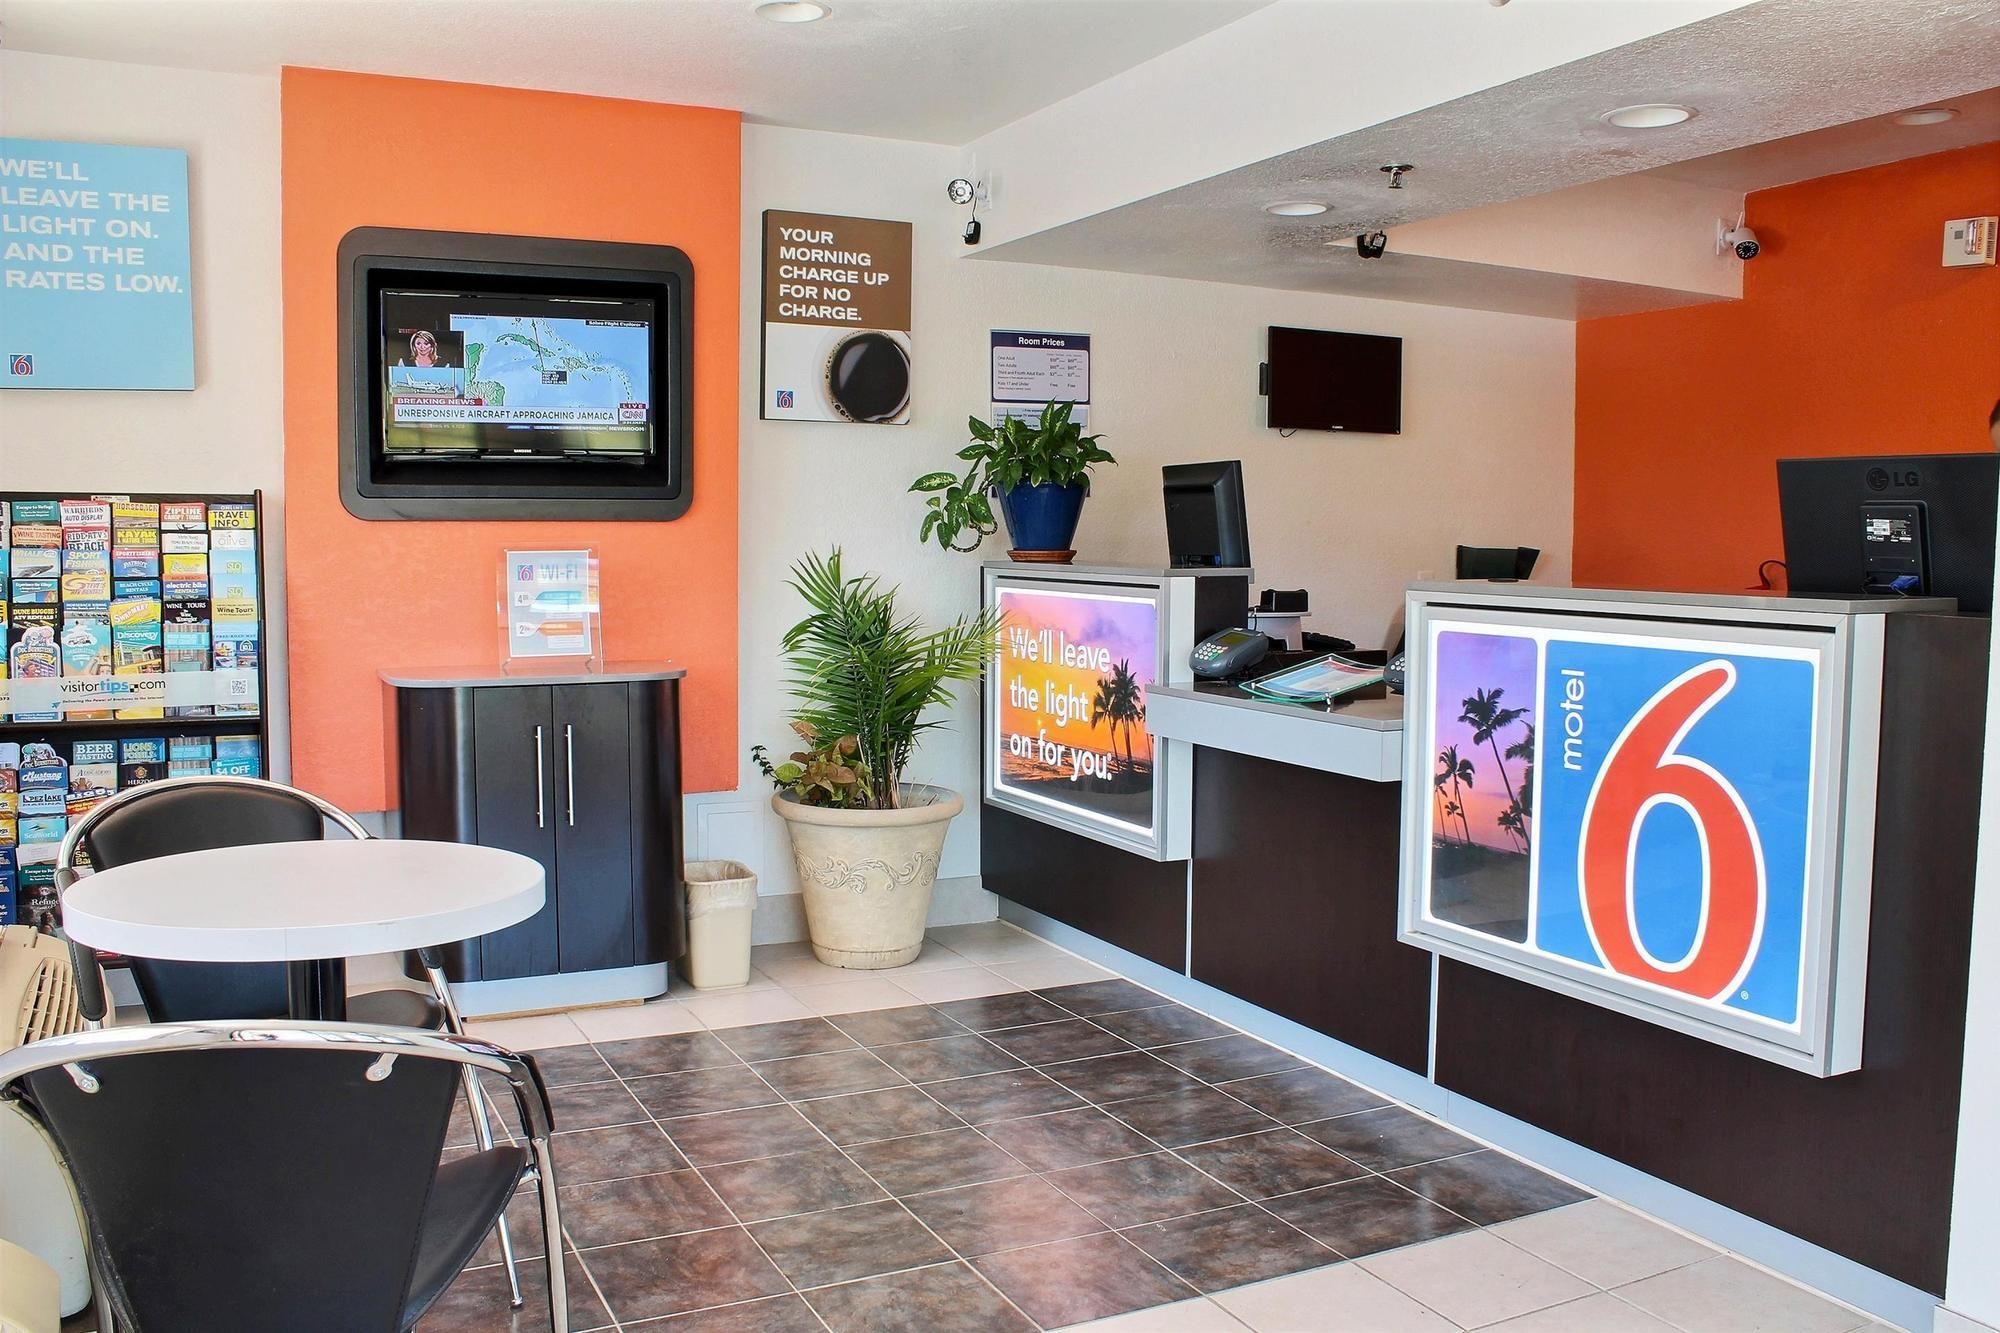 San Luis Obispo Hotel Coupons for San Luis Obispo California